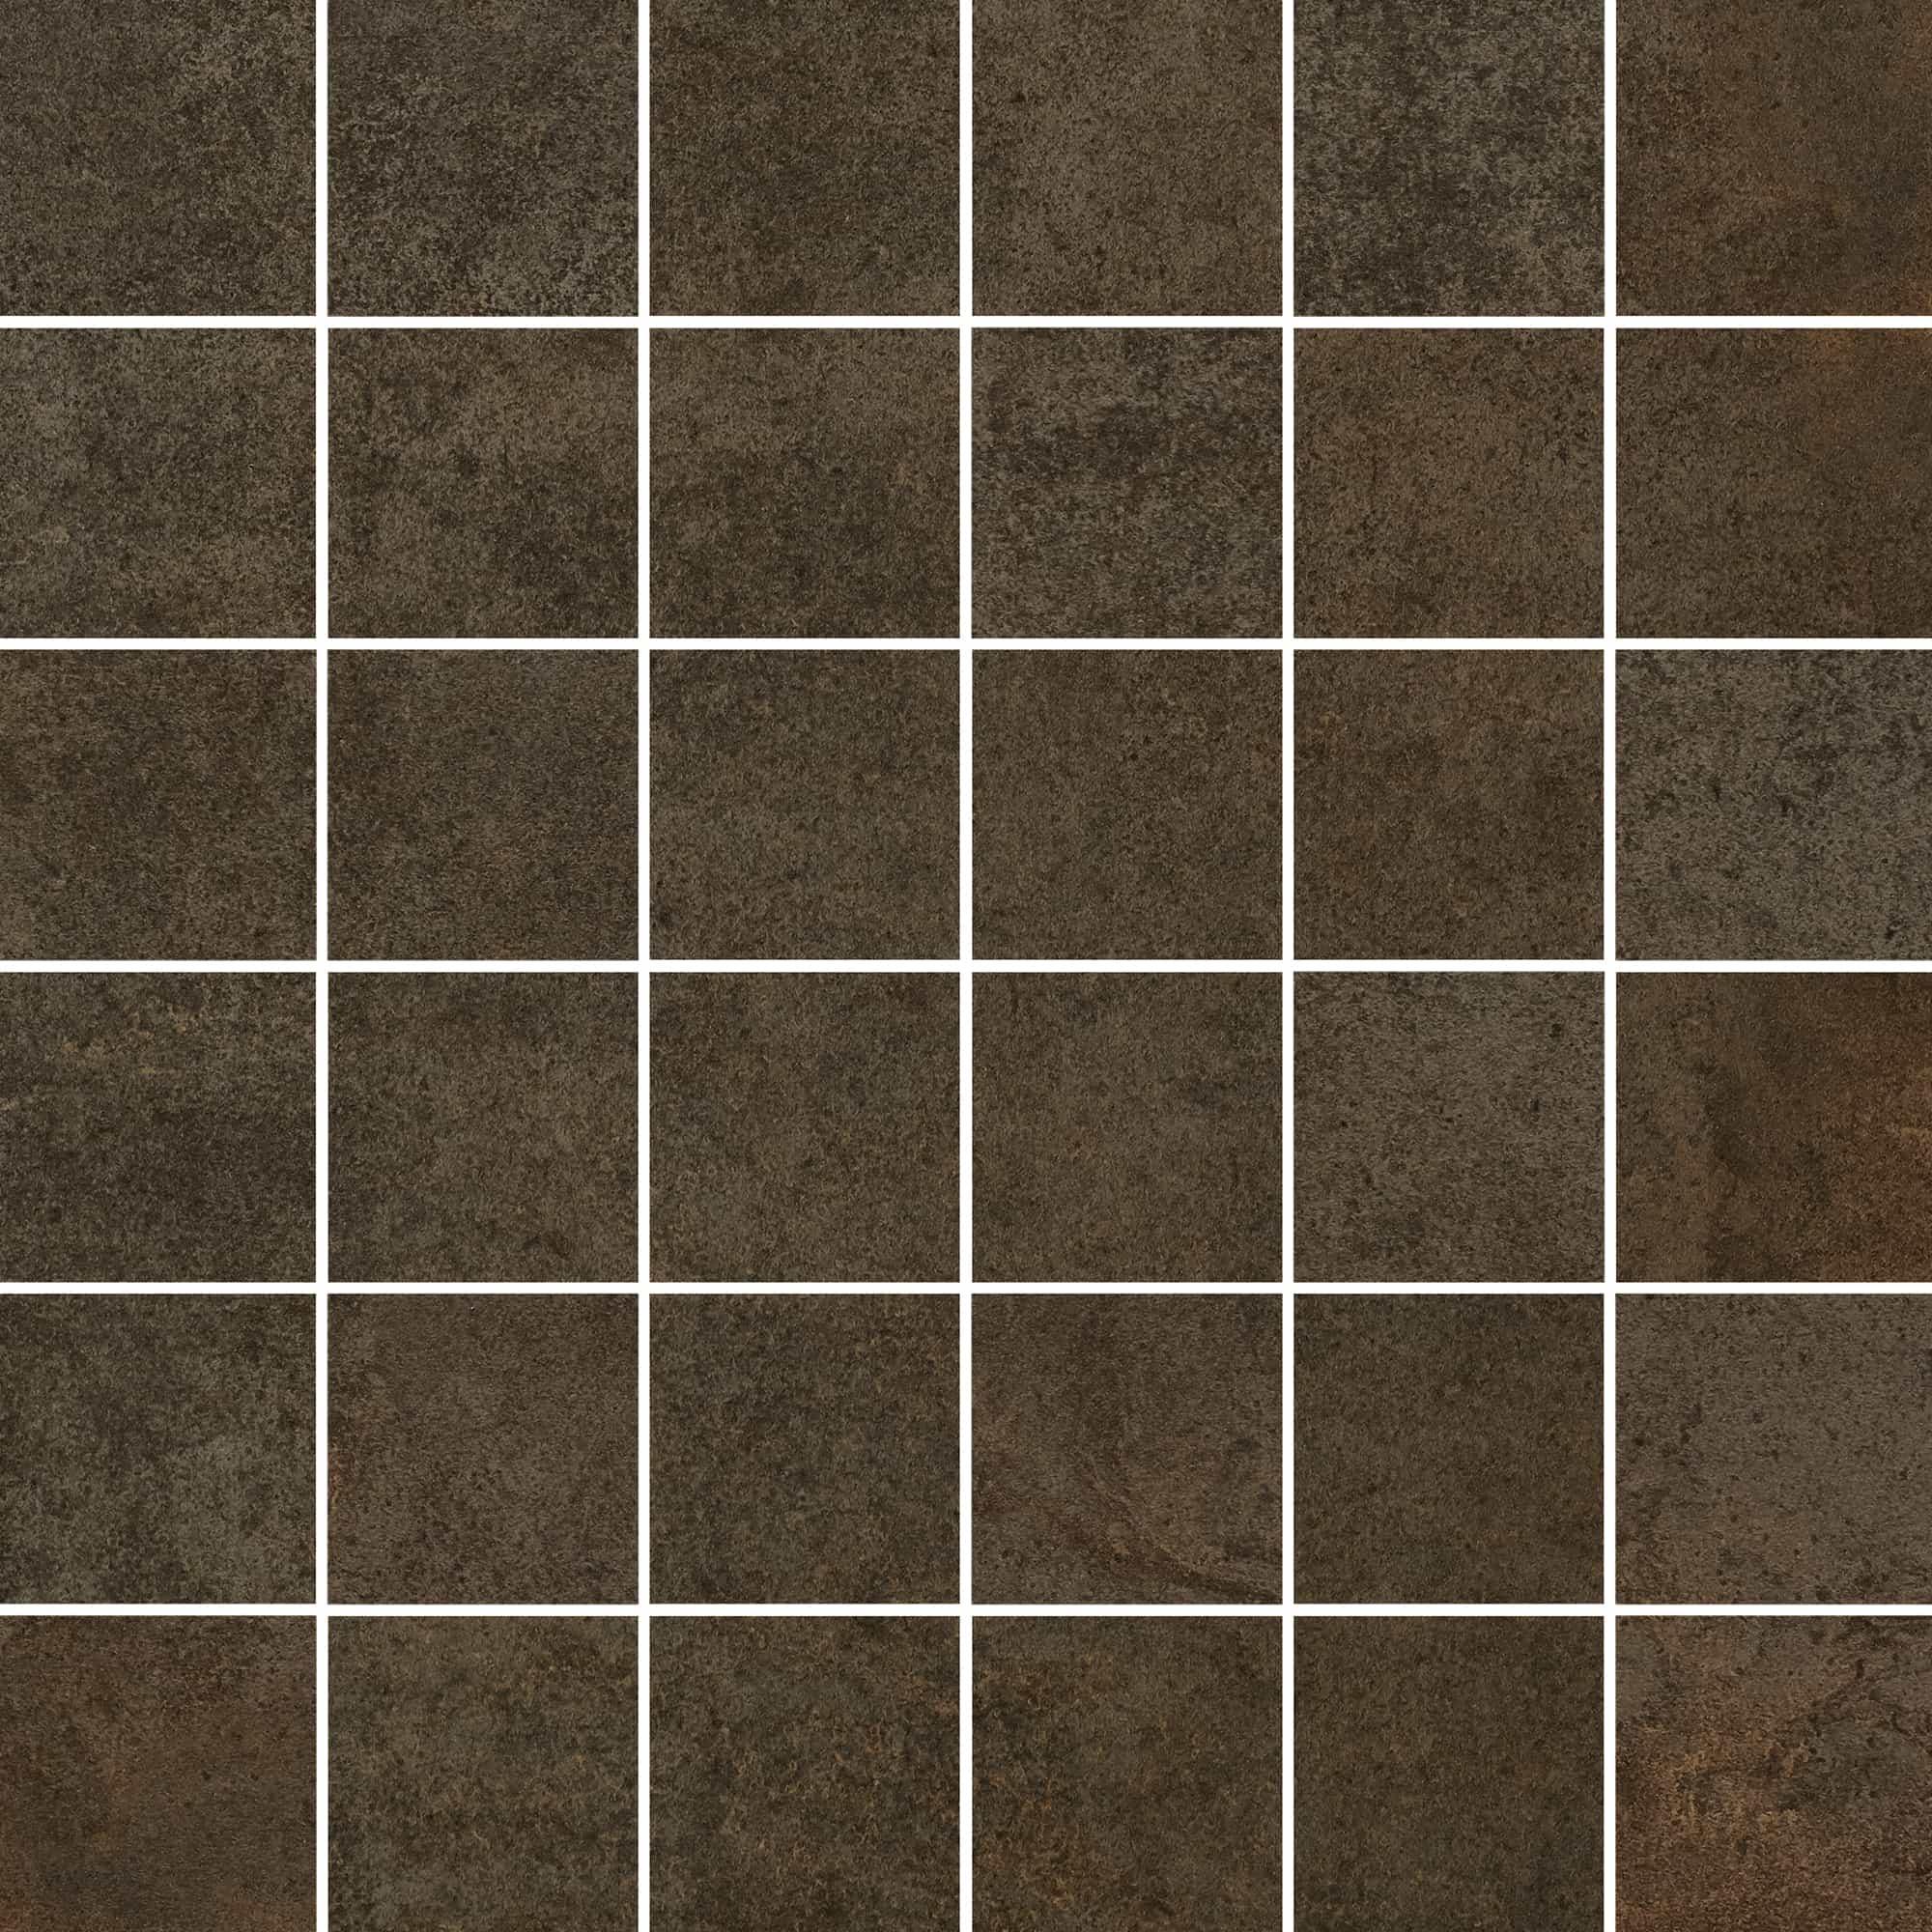 Mosaic Plus Carbon